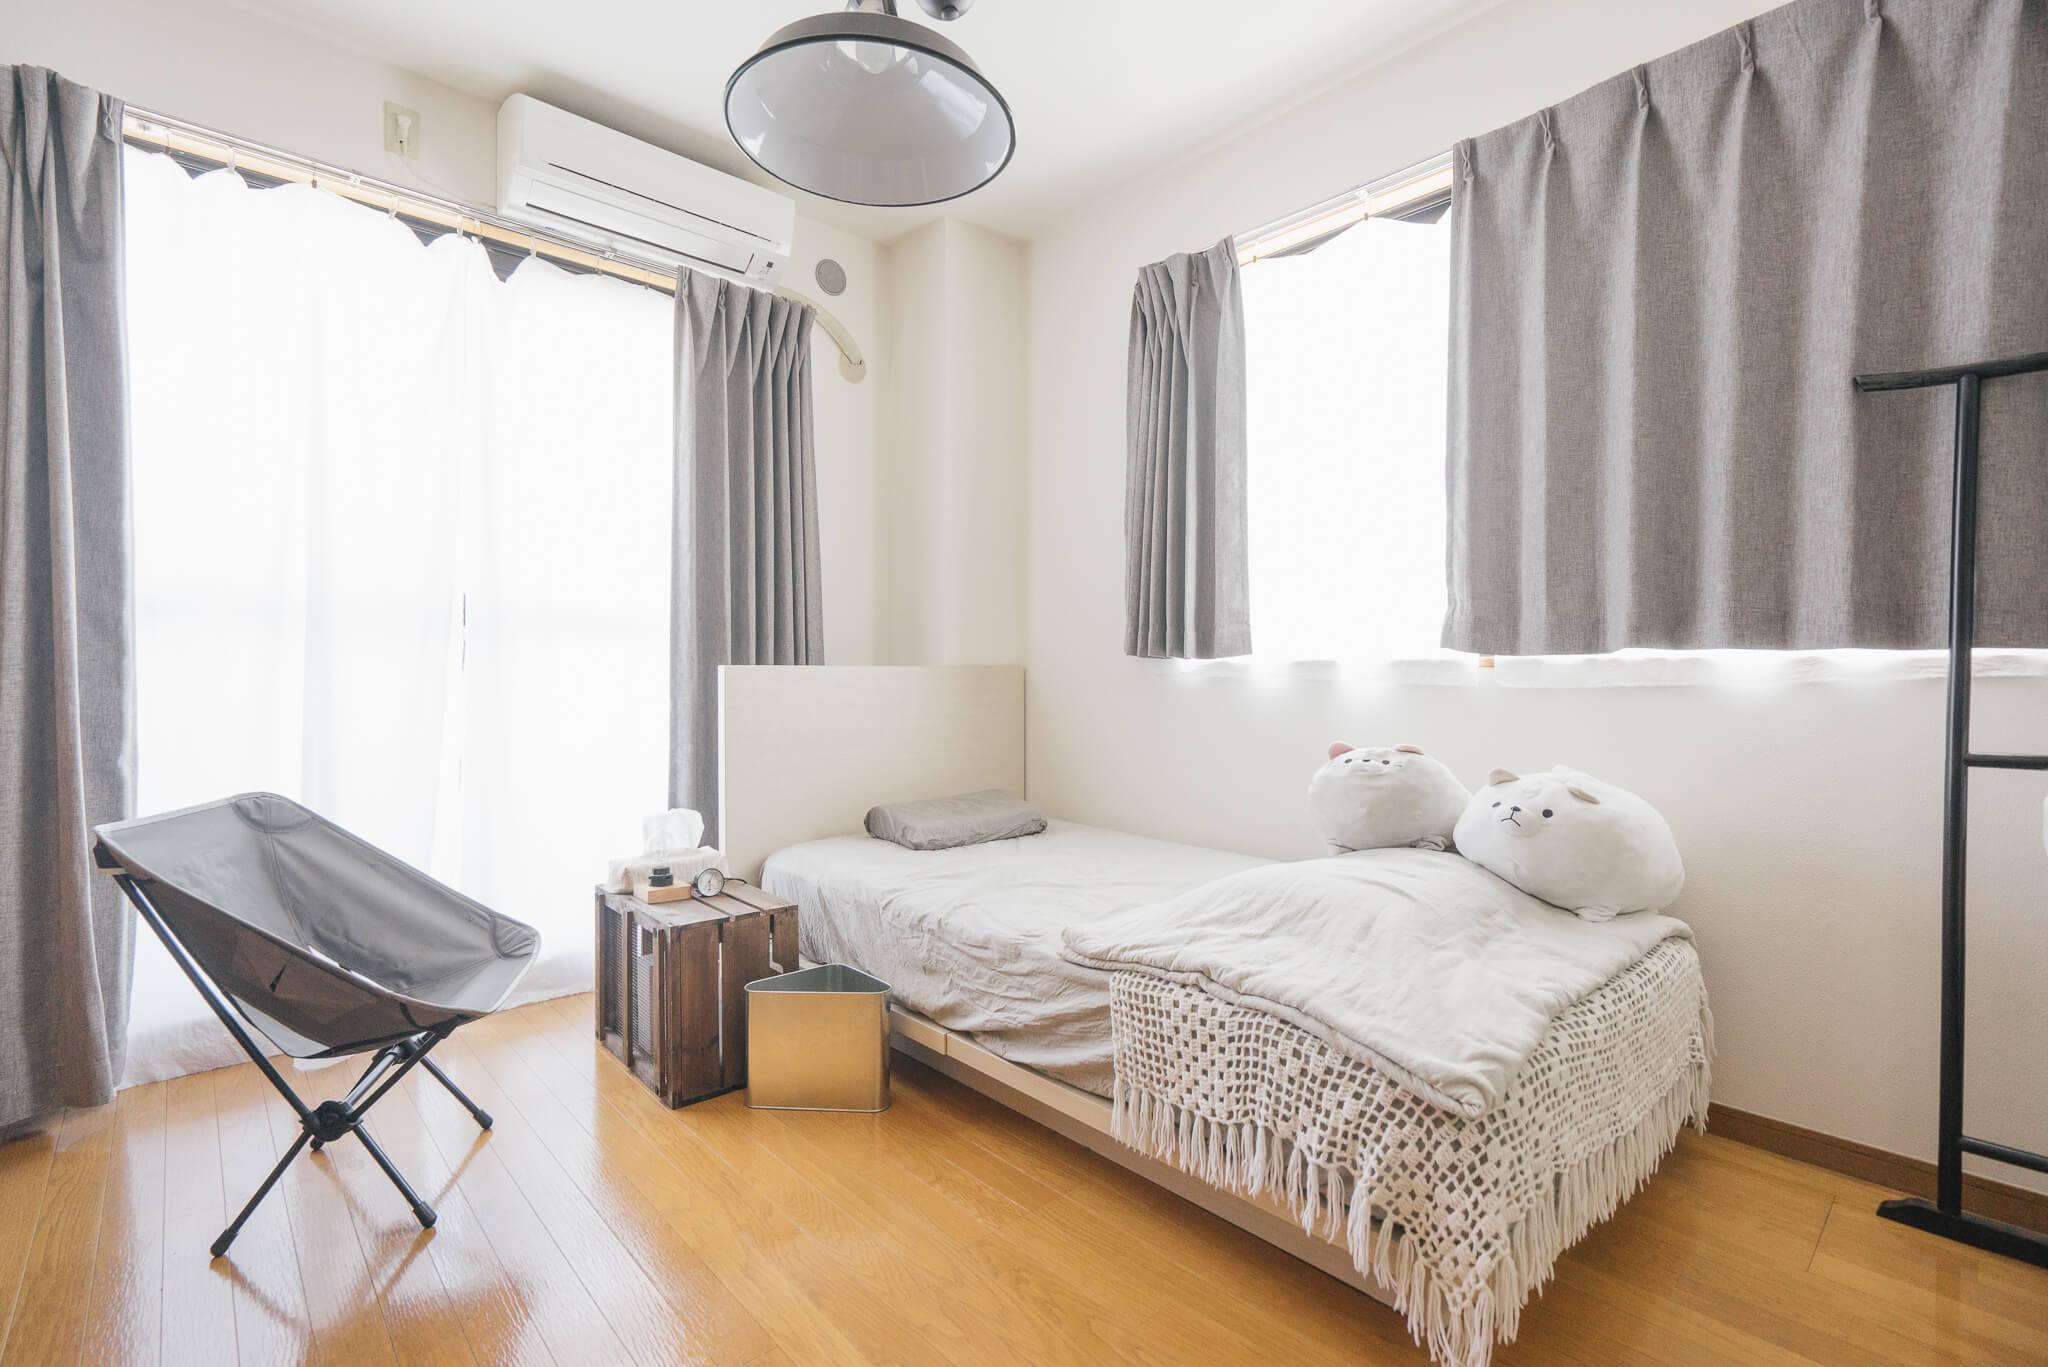 軽くて持ち運びに便利なアウトドアチェアは、ソファ代わりに便利な一品。こちらのお部屋にあるのは、キャンプ用のHelinoxのチェアです。ベッド以外に大きな家具がないので、お部屋がすっきりと見えますね。